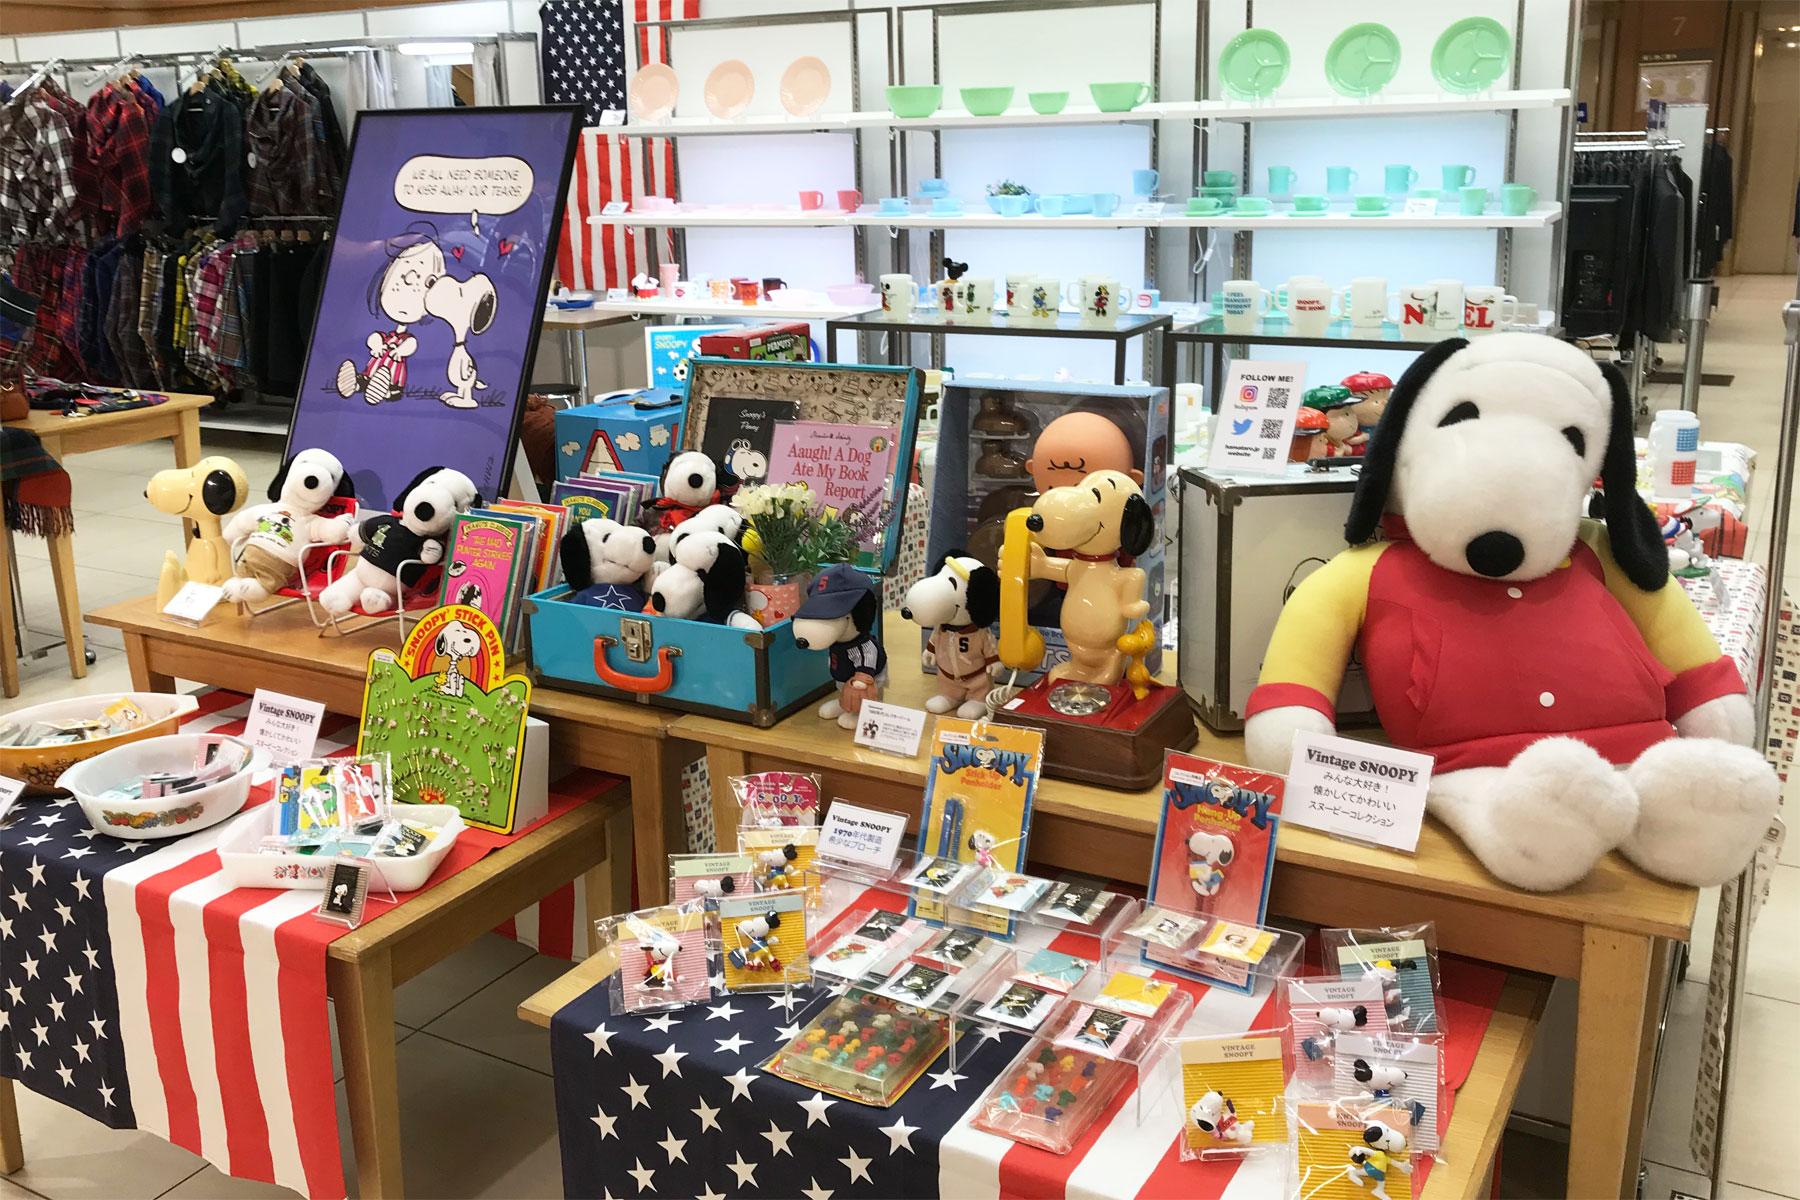 4月14日-19日仙台三越ヴィンテージファッションマーケットに出展